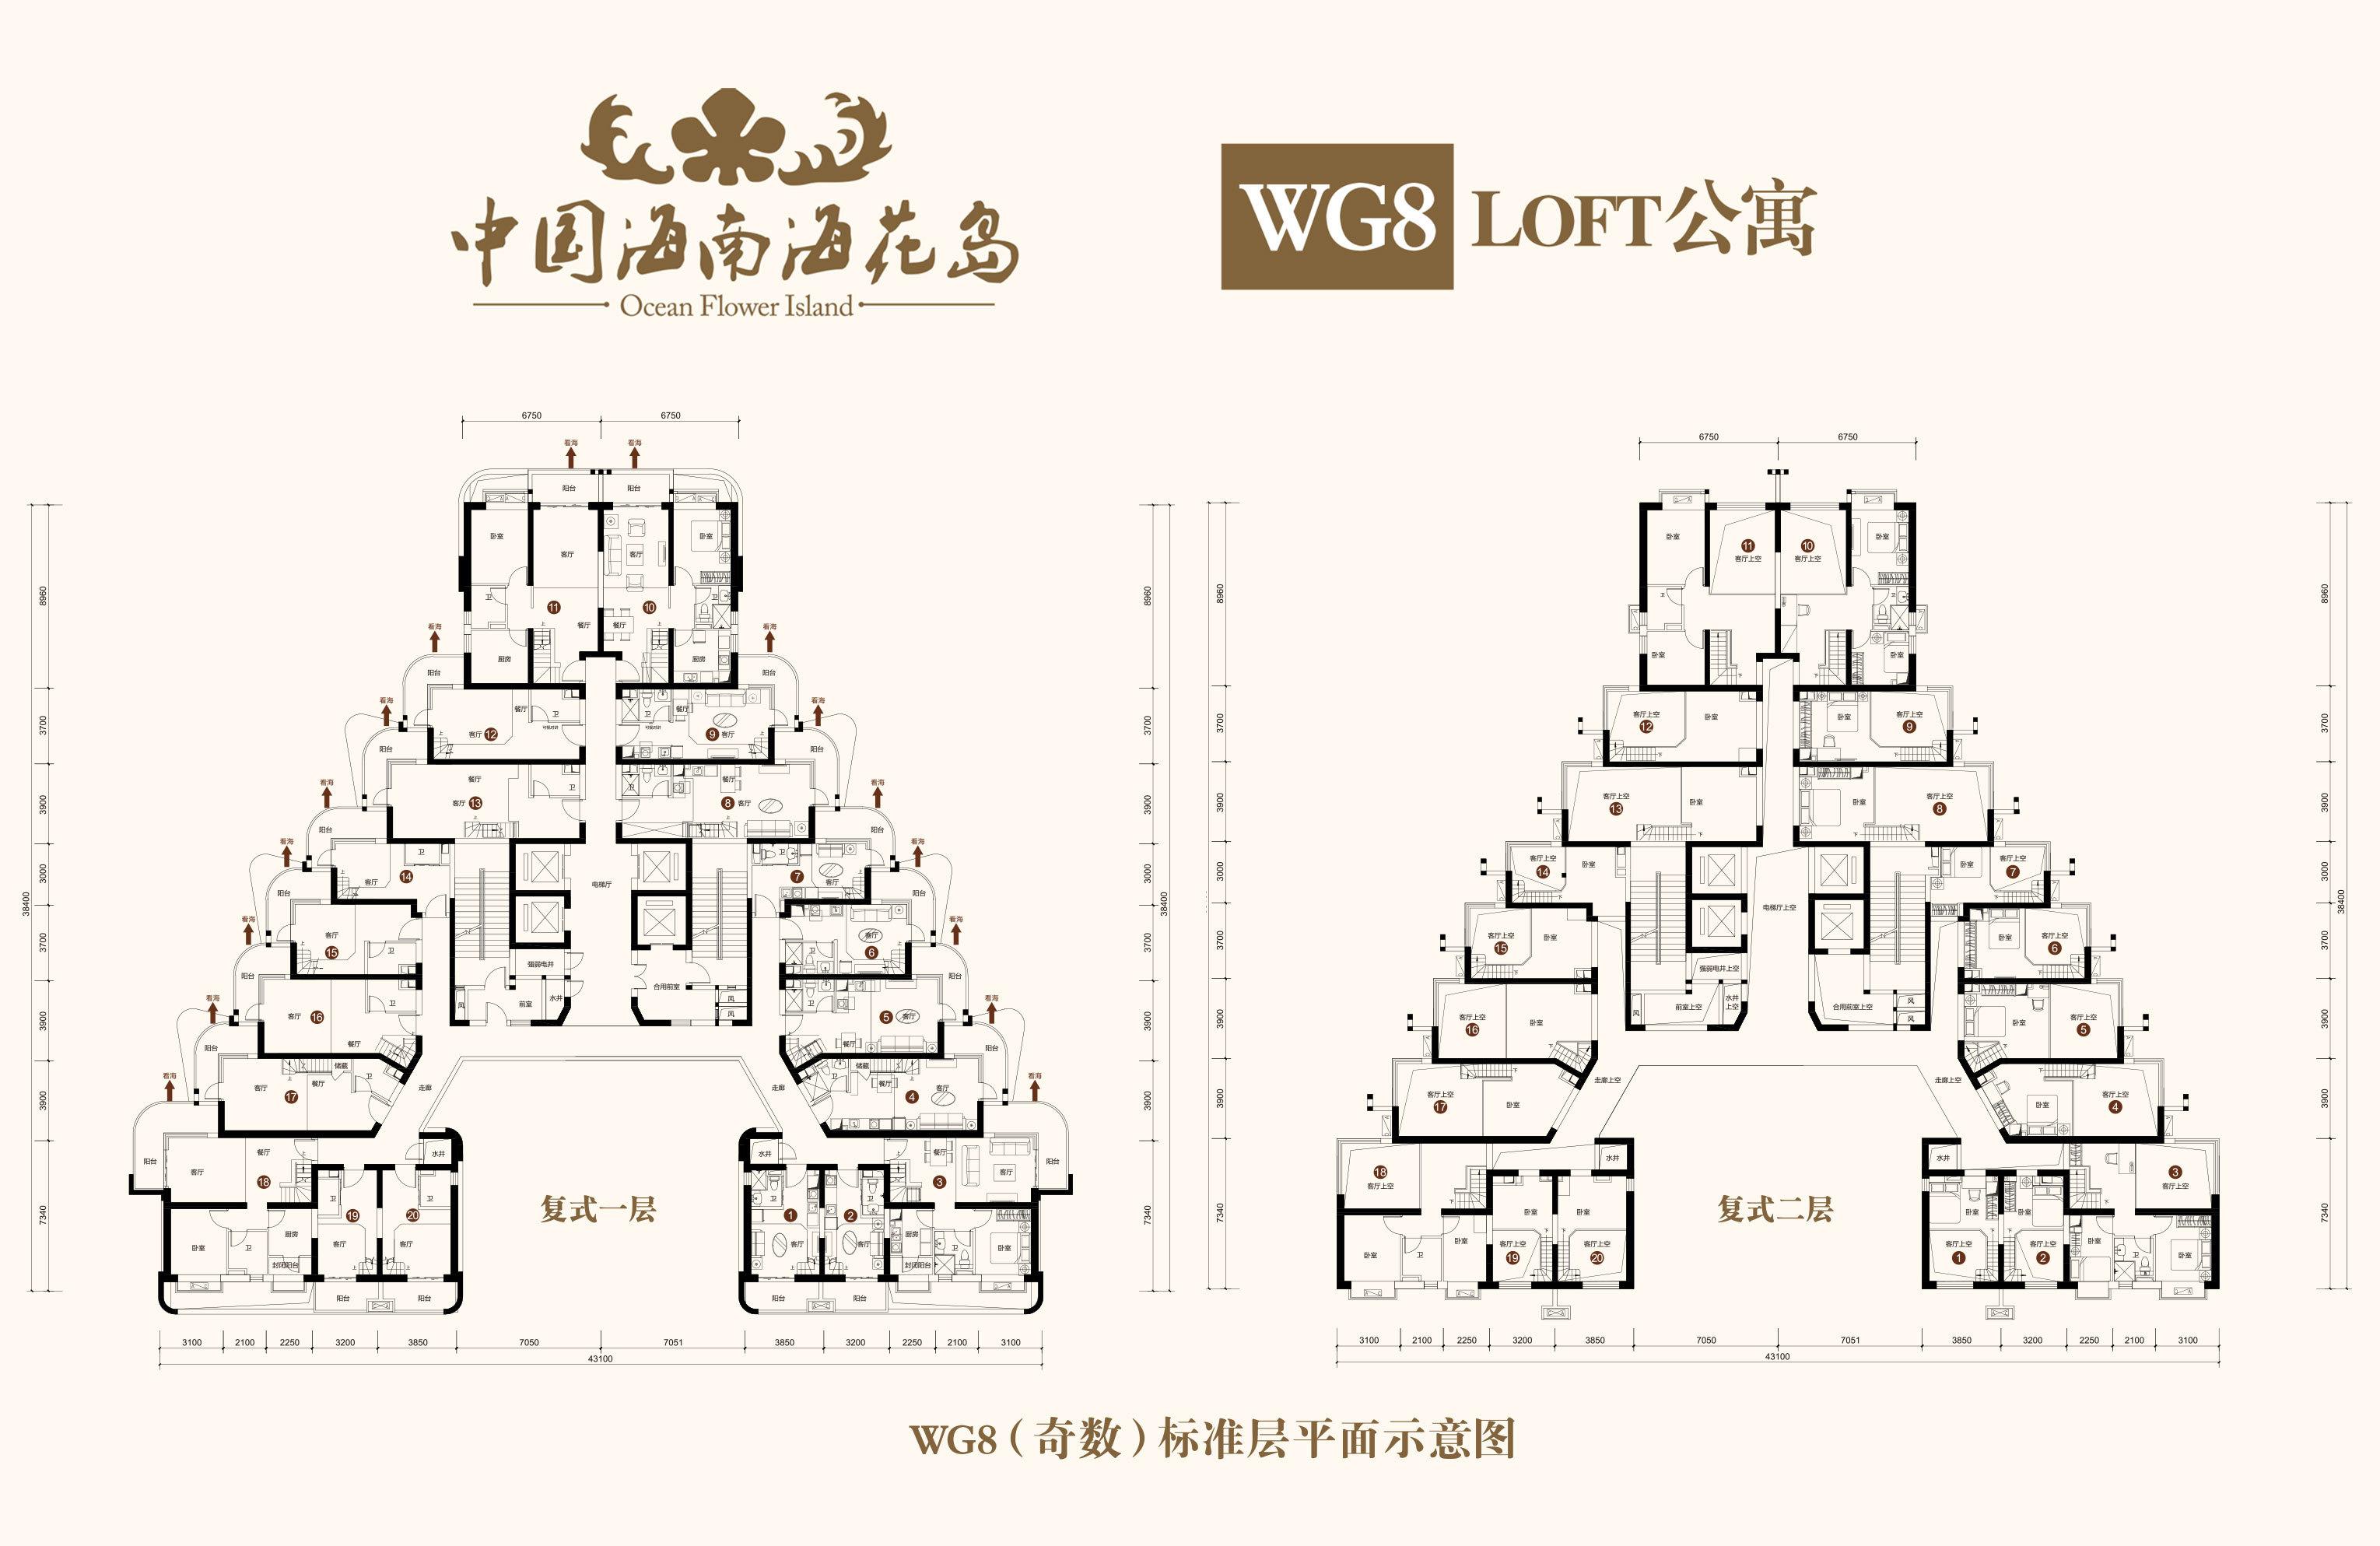 恒大海花岛 WG8(奇数)标准层 建面29-86㎡